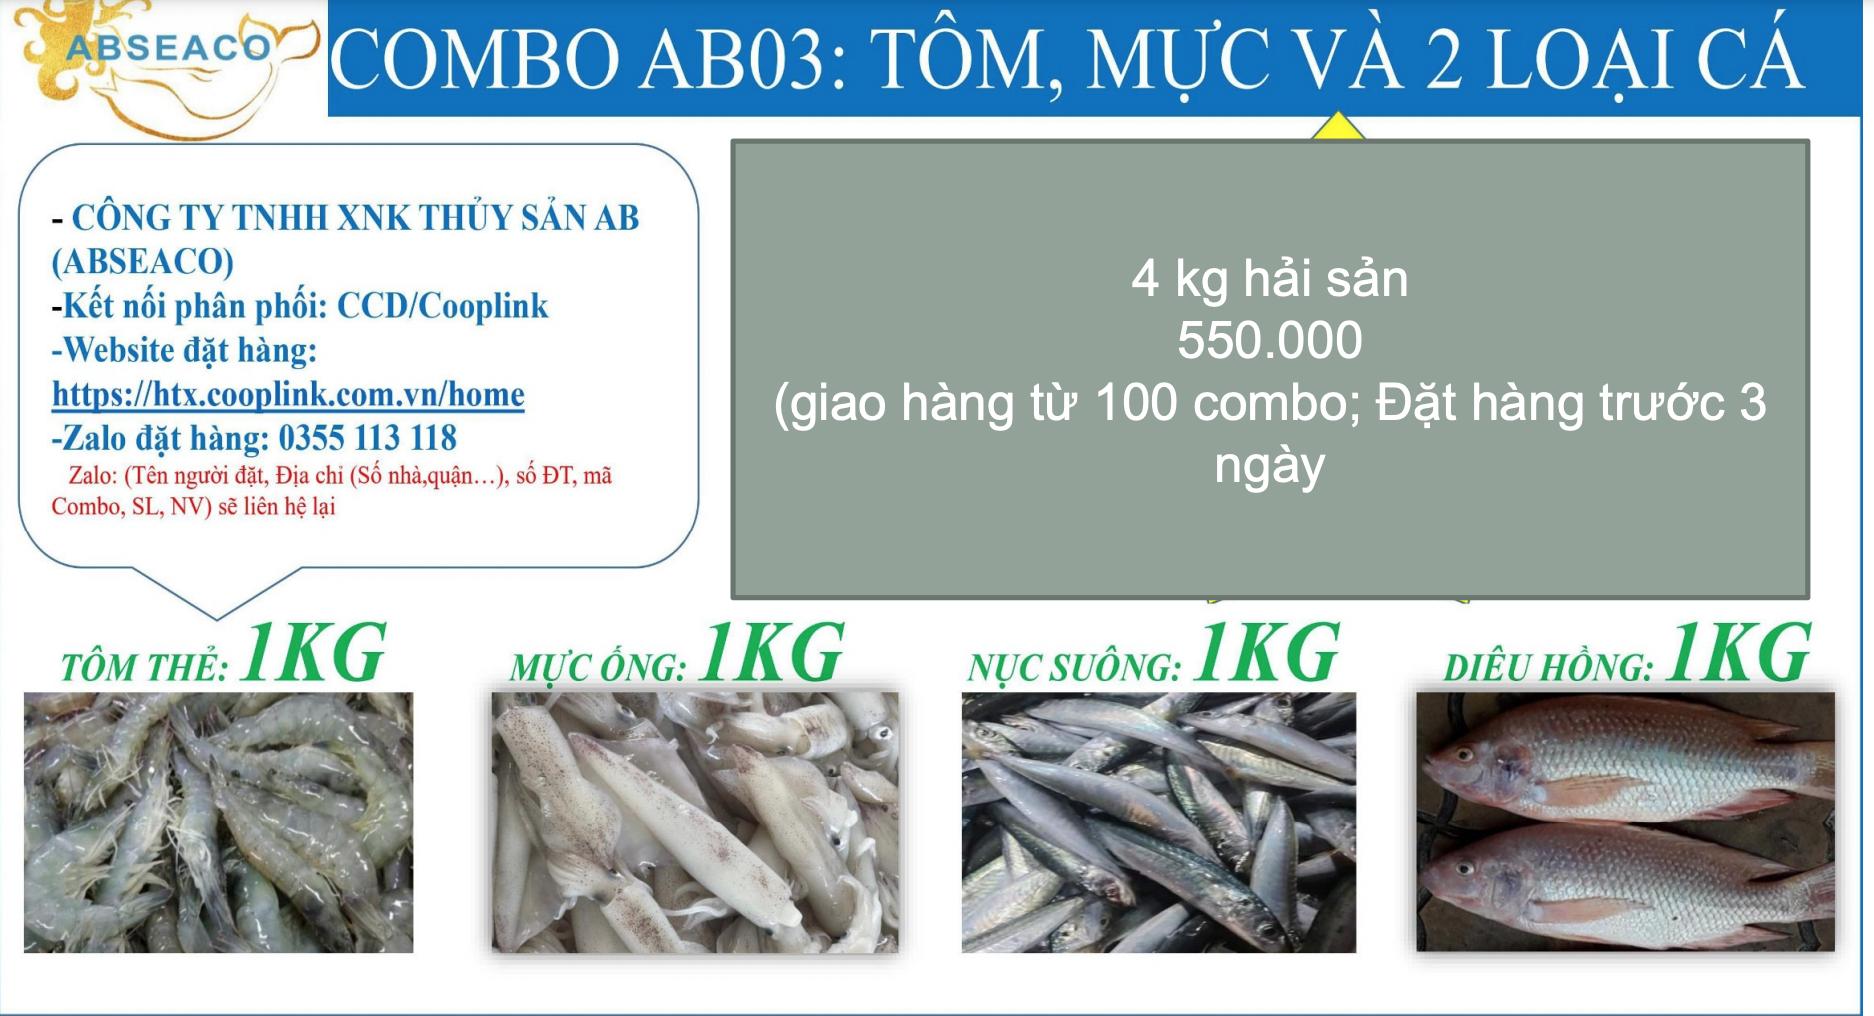 Combo 500.000 đồng từ tỉnh Cà Mau gồm: 1kg tôm thẻ, 1kg mực ống, 1kg nục suông, 1kg cá điêu hồng.